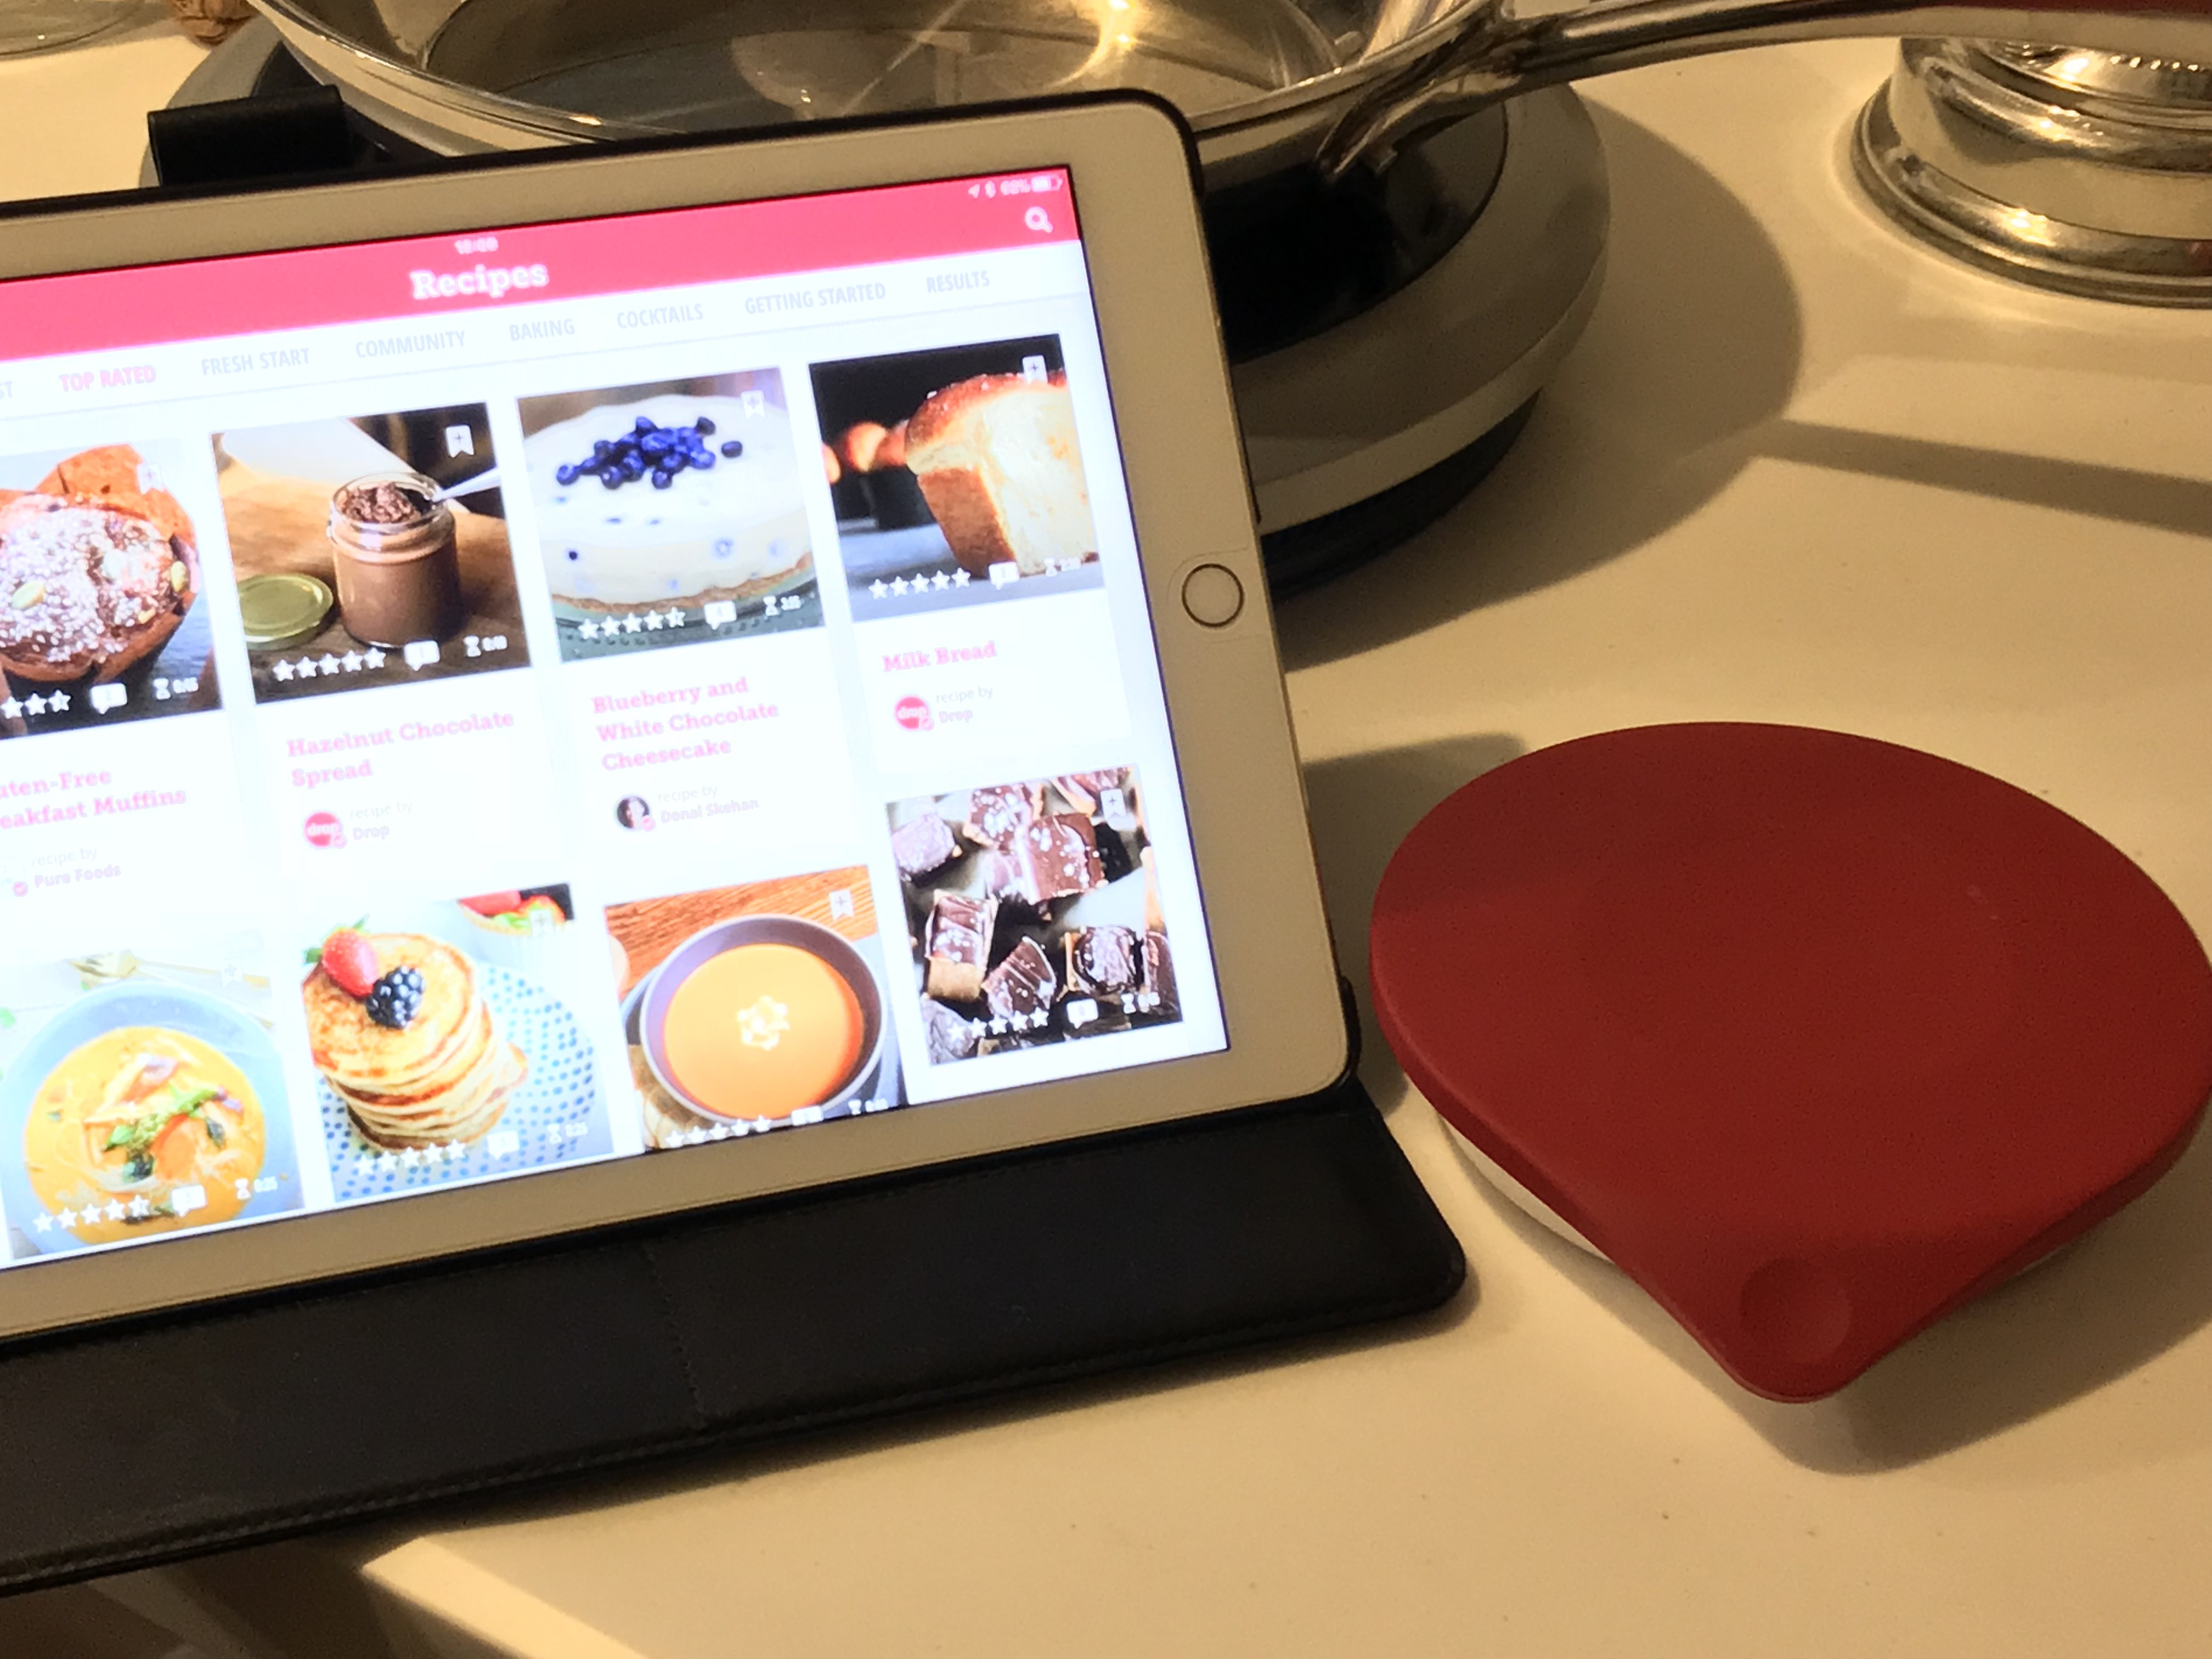 日本未公開の最新 スマート家電 : IOT家電 を オープンハウス、ソフトバンクの「MASACASA!」で体験 飲み物